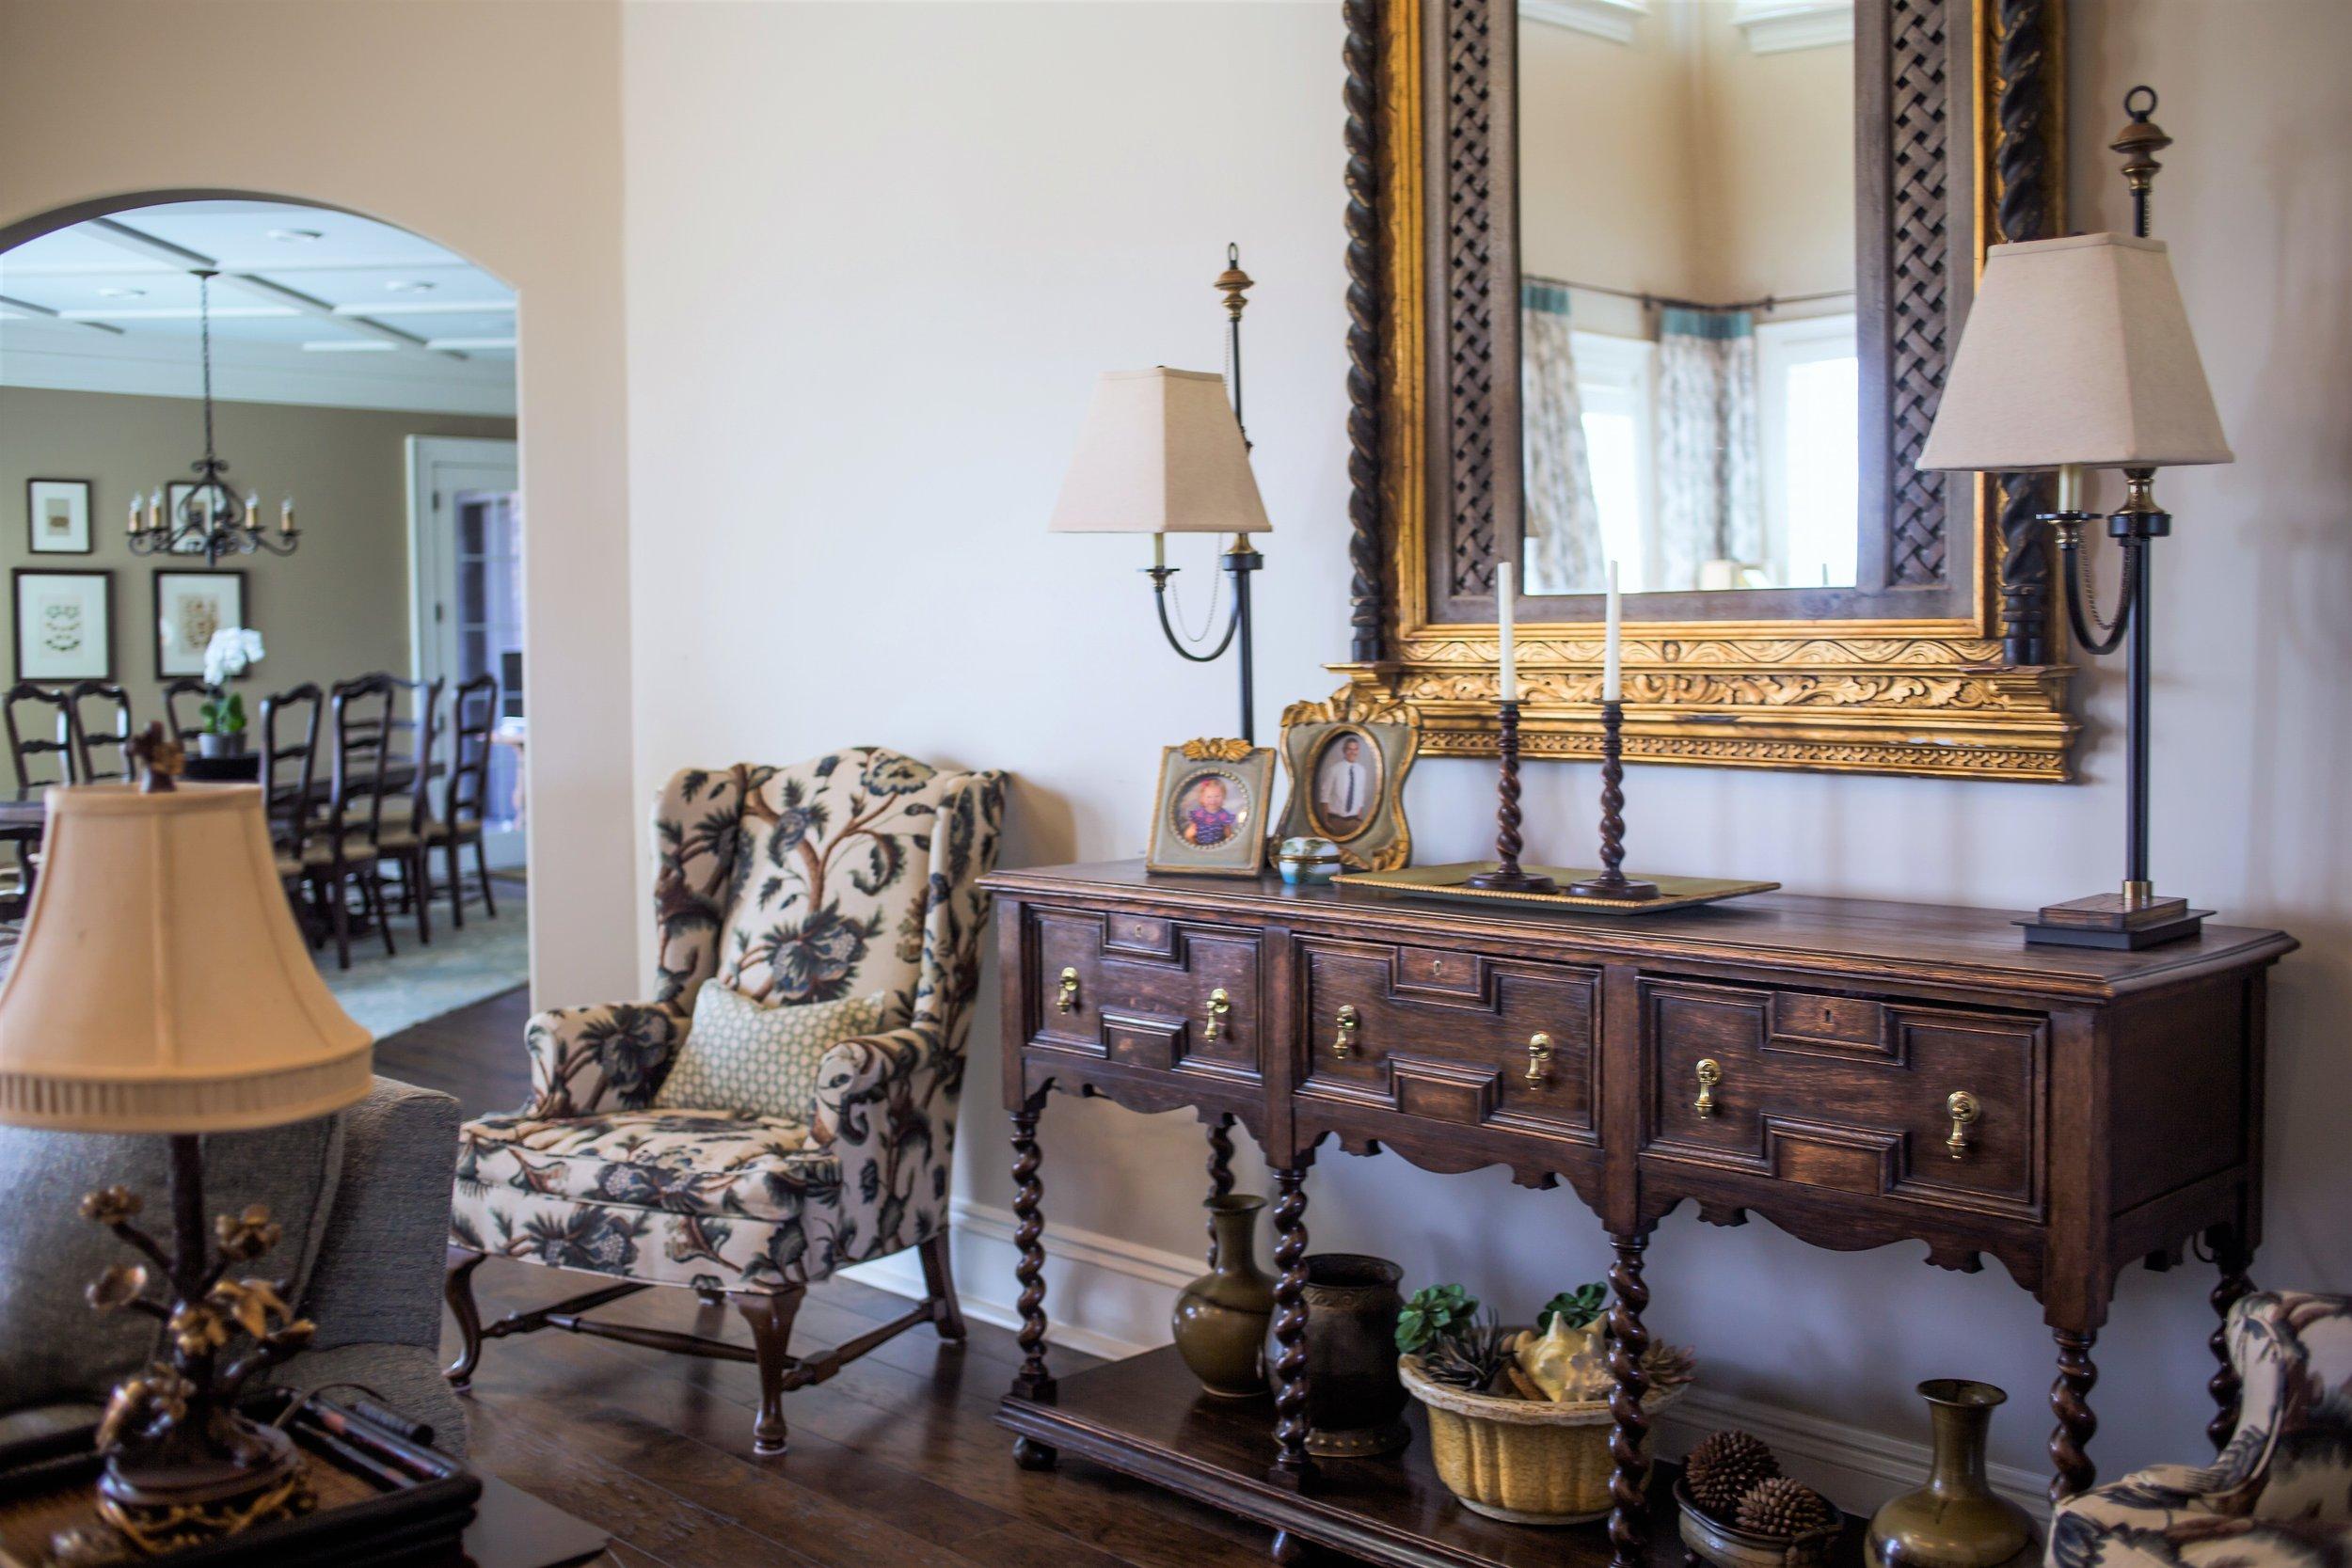 ellebrightdesigns.familyroom.antiqueconsole.hugeantiquemirror.wingback